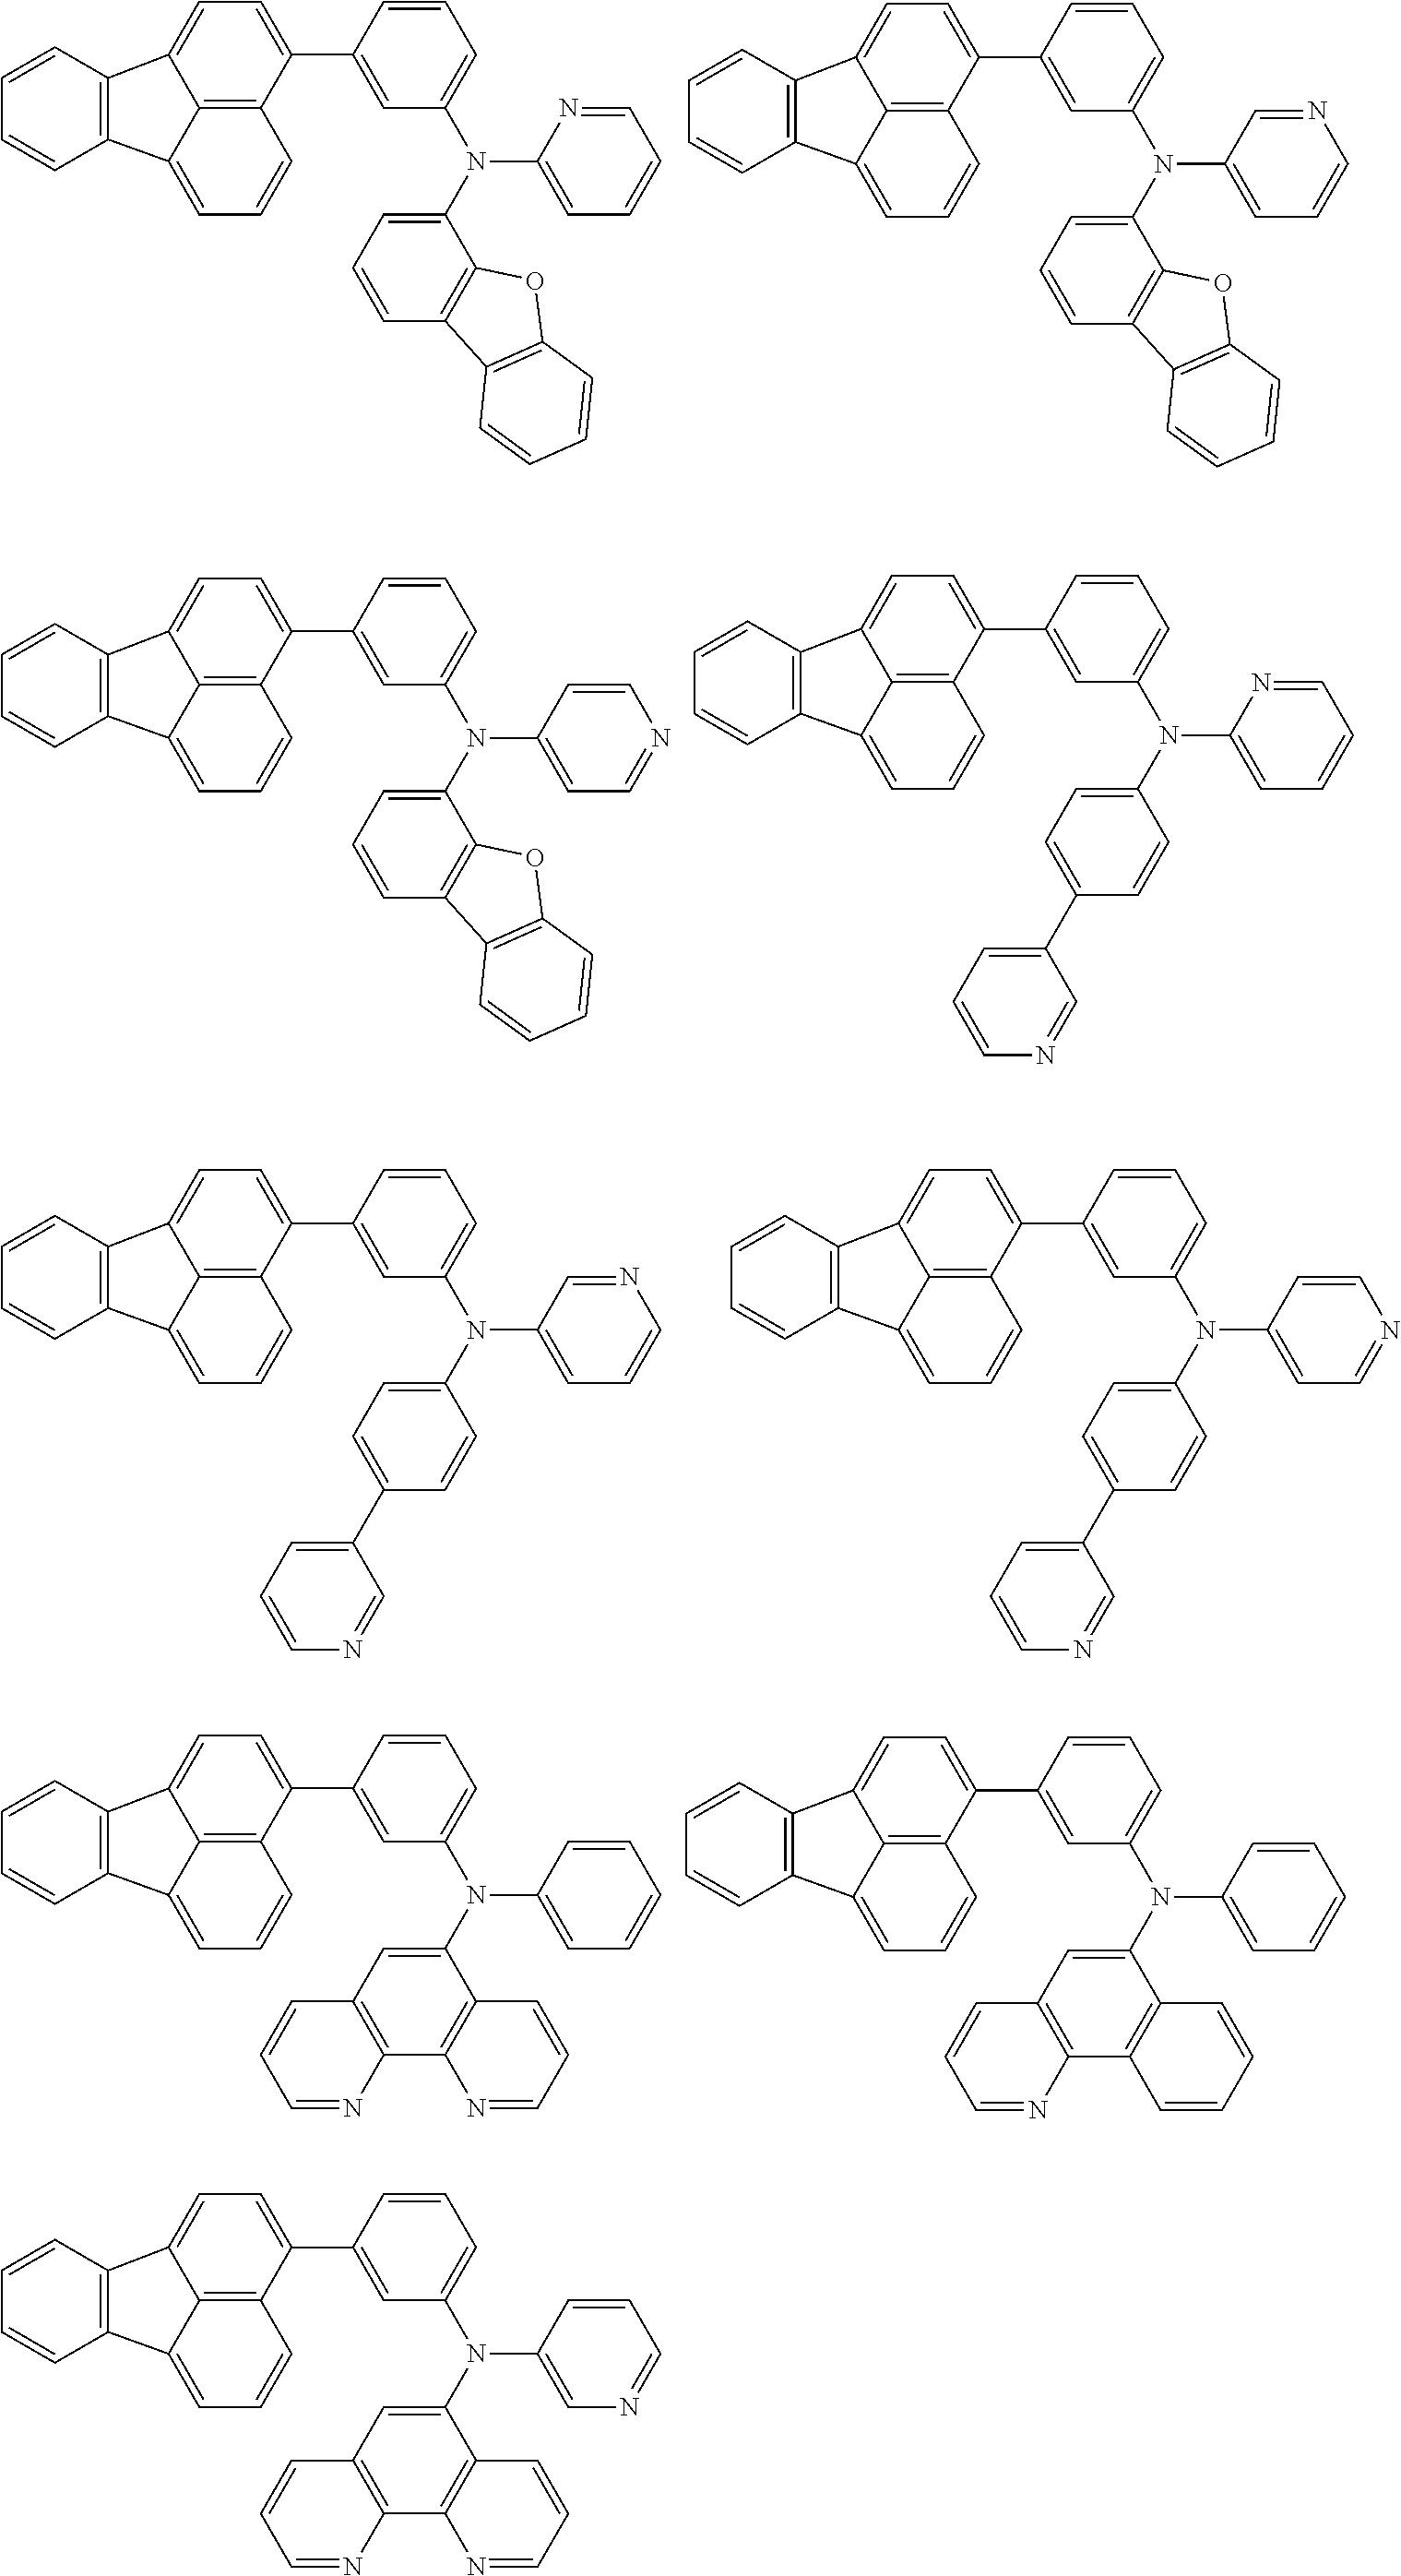 Figure US20150280139A1-20151001-C00096